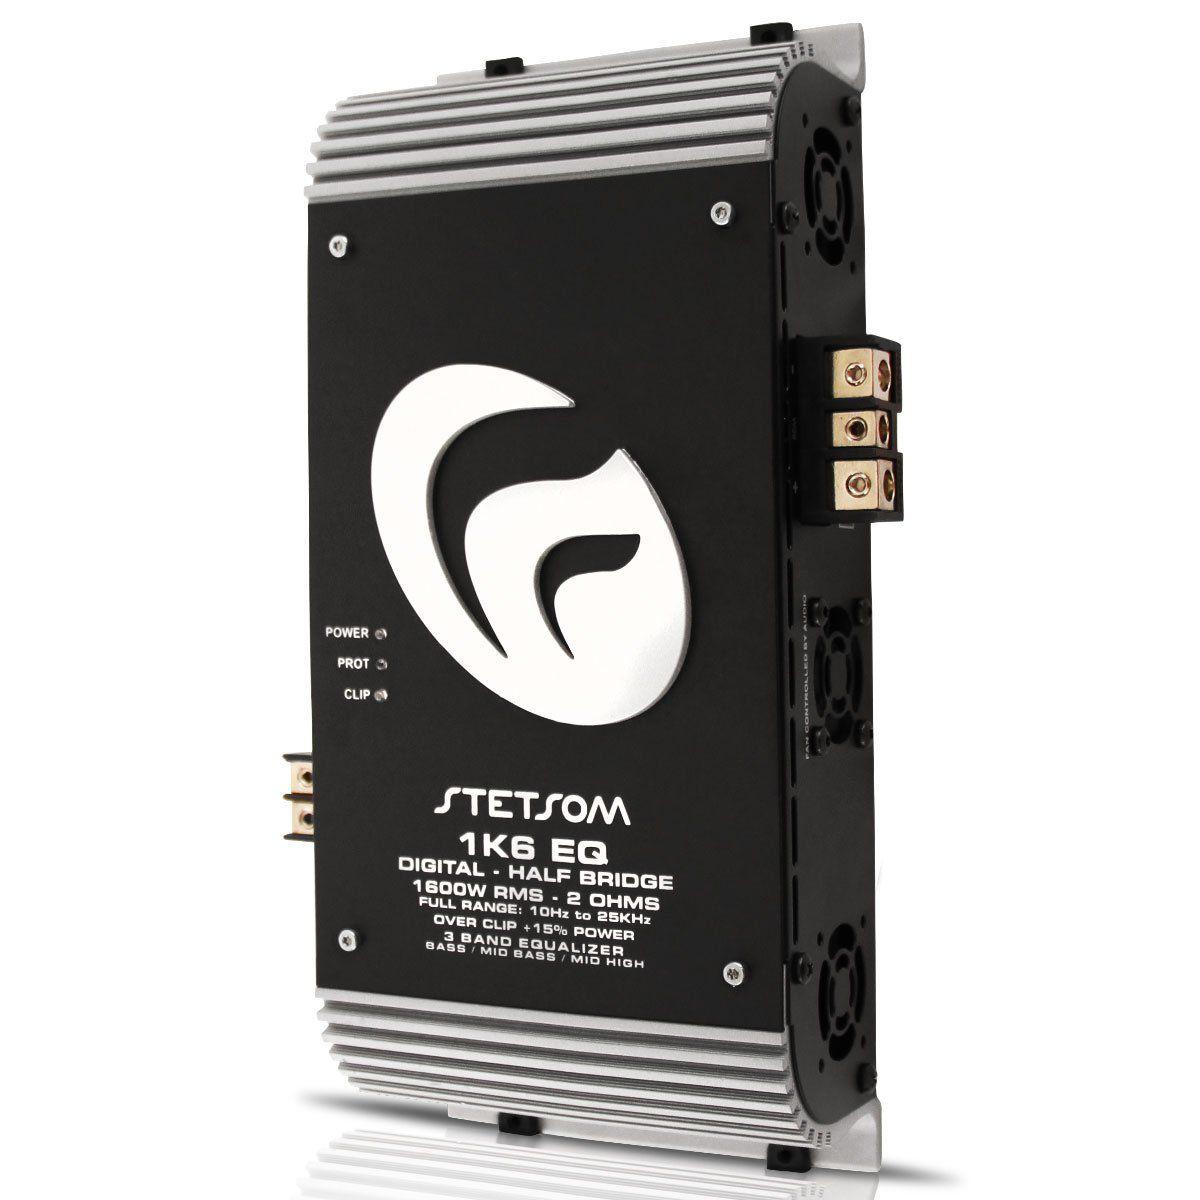 Modulo Amplificador Stetsom 1K6Eq Digital Vulcon 1600W Rms 1 Canal 2 Ohm